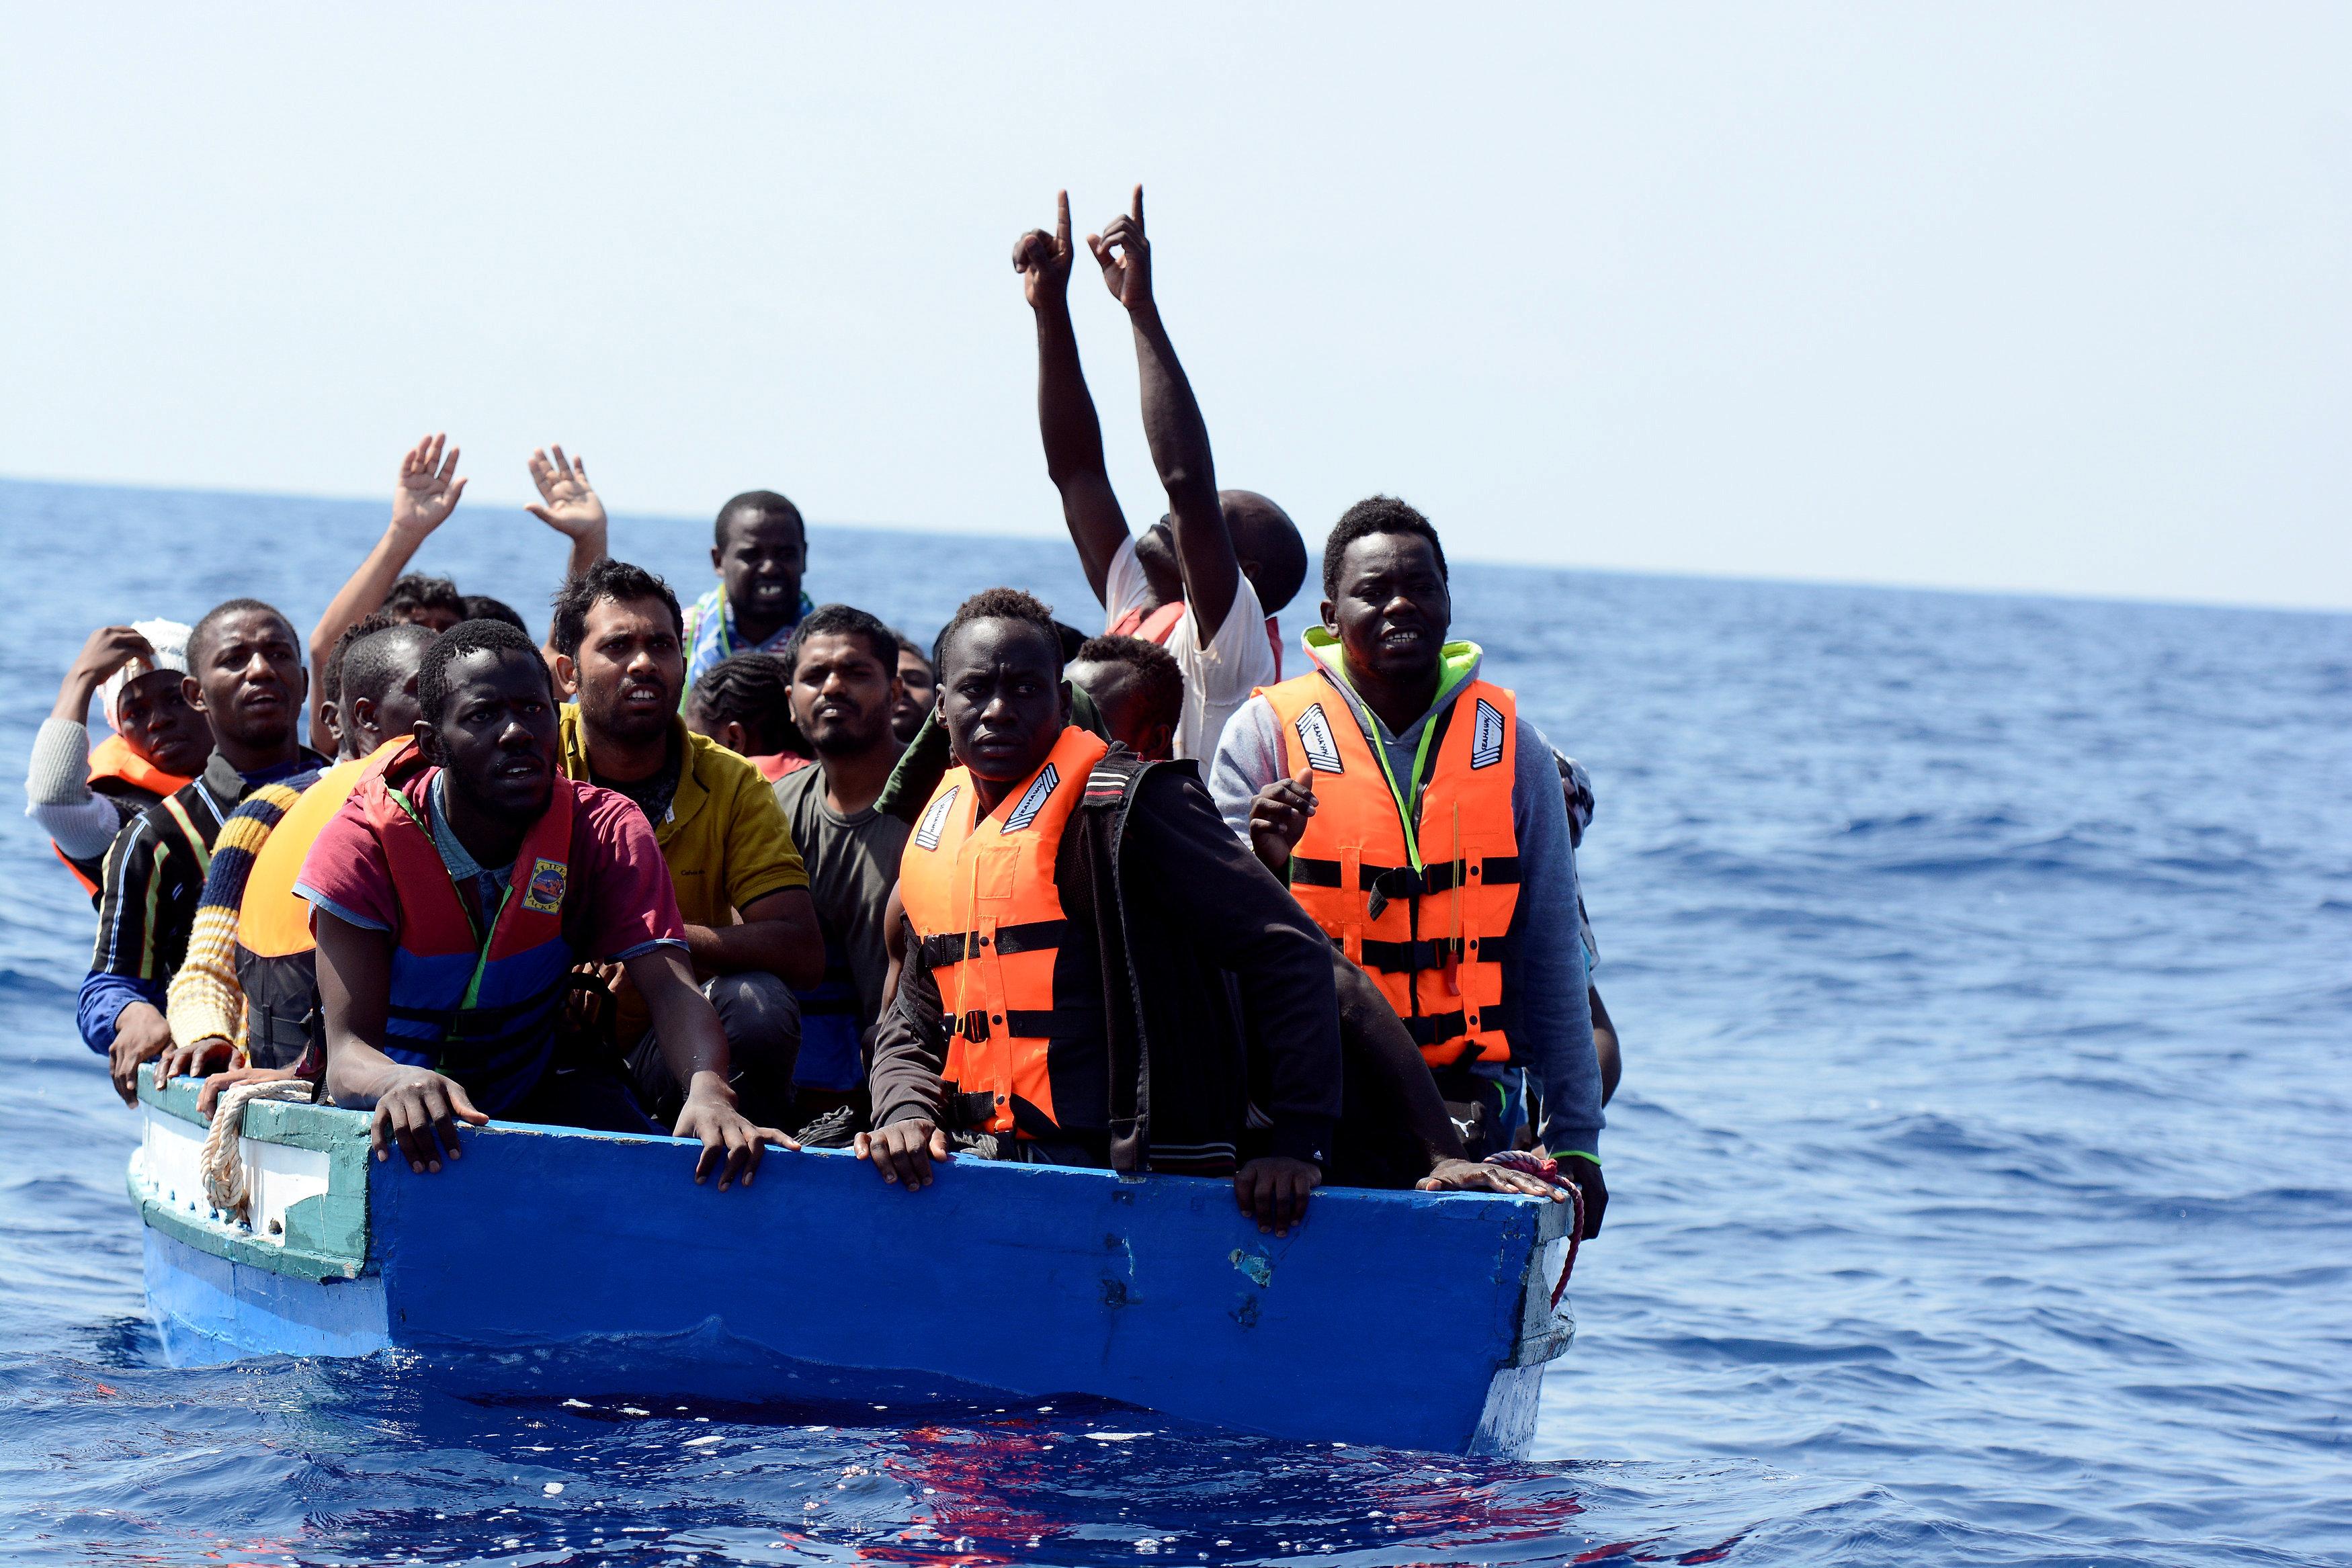 فرحة المهاجرين